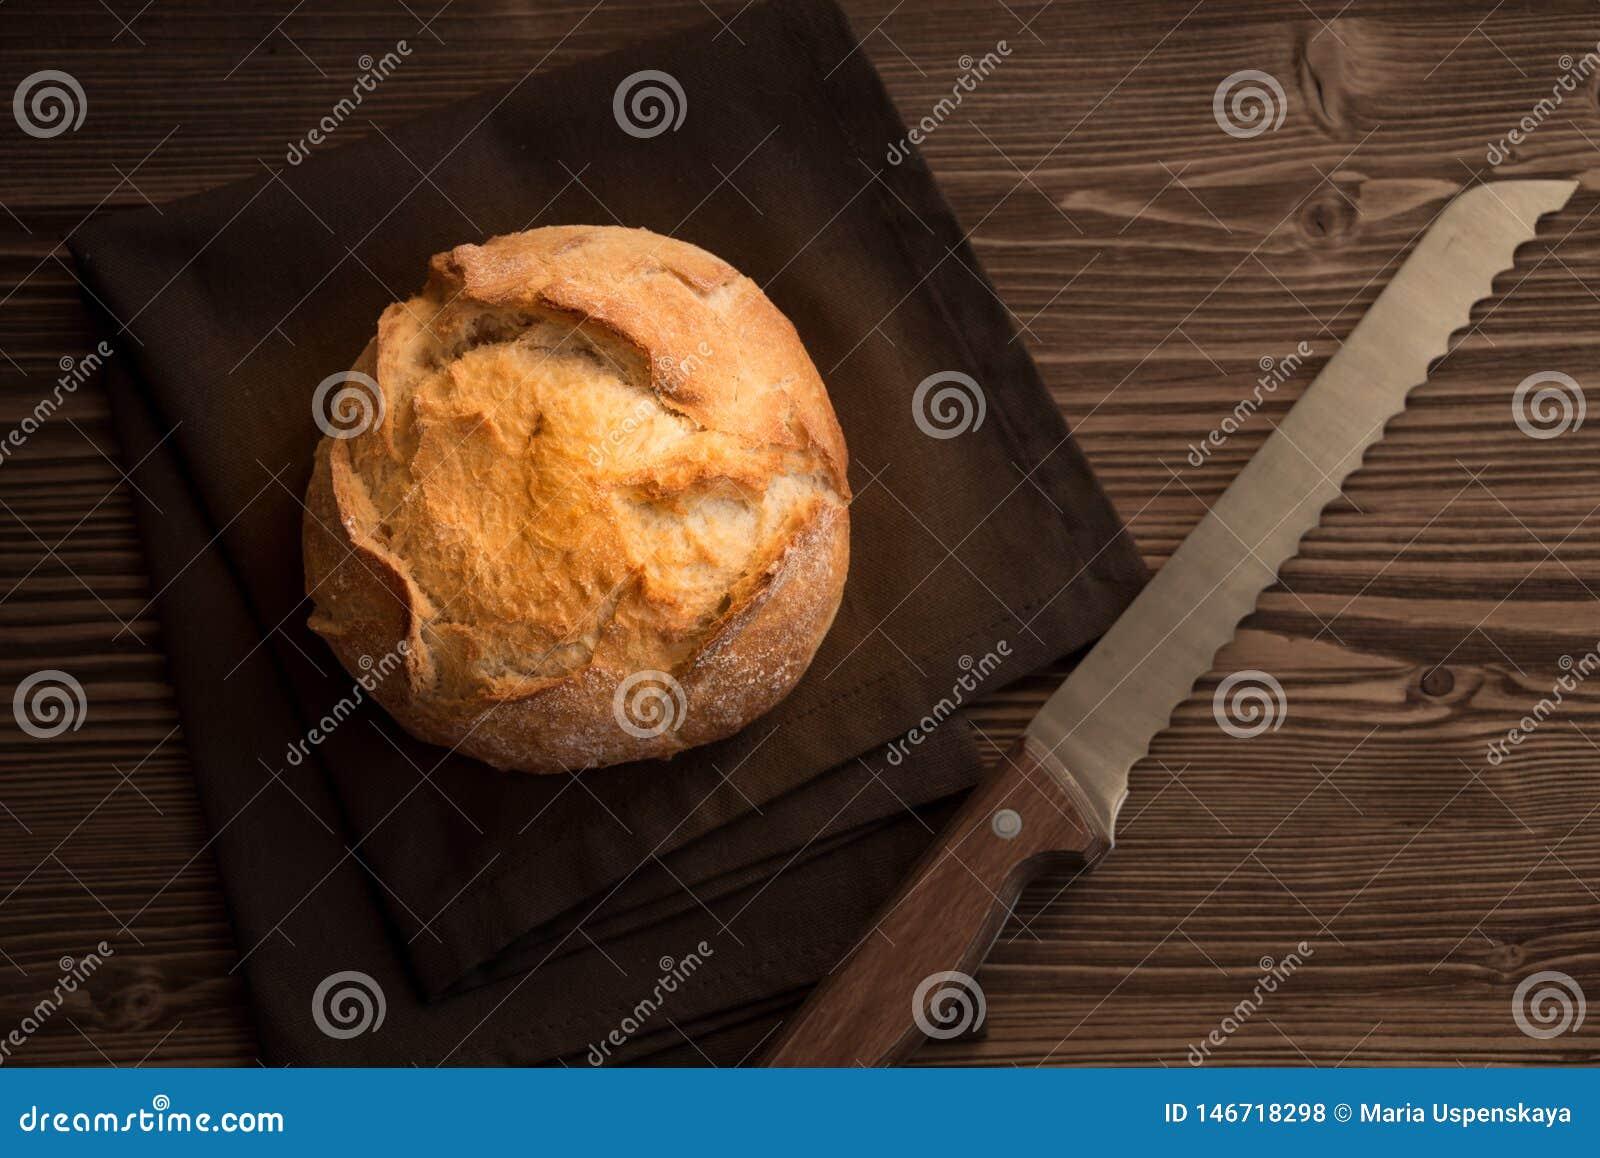 麦子面包大面包在木桌上的